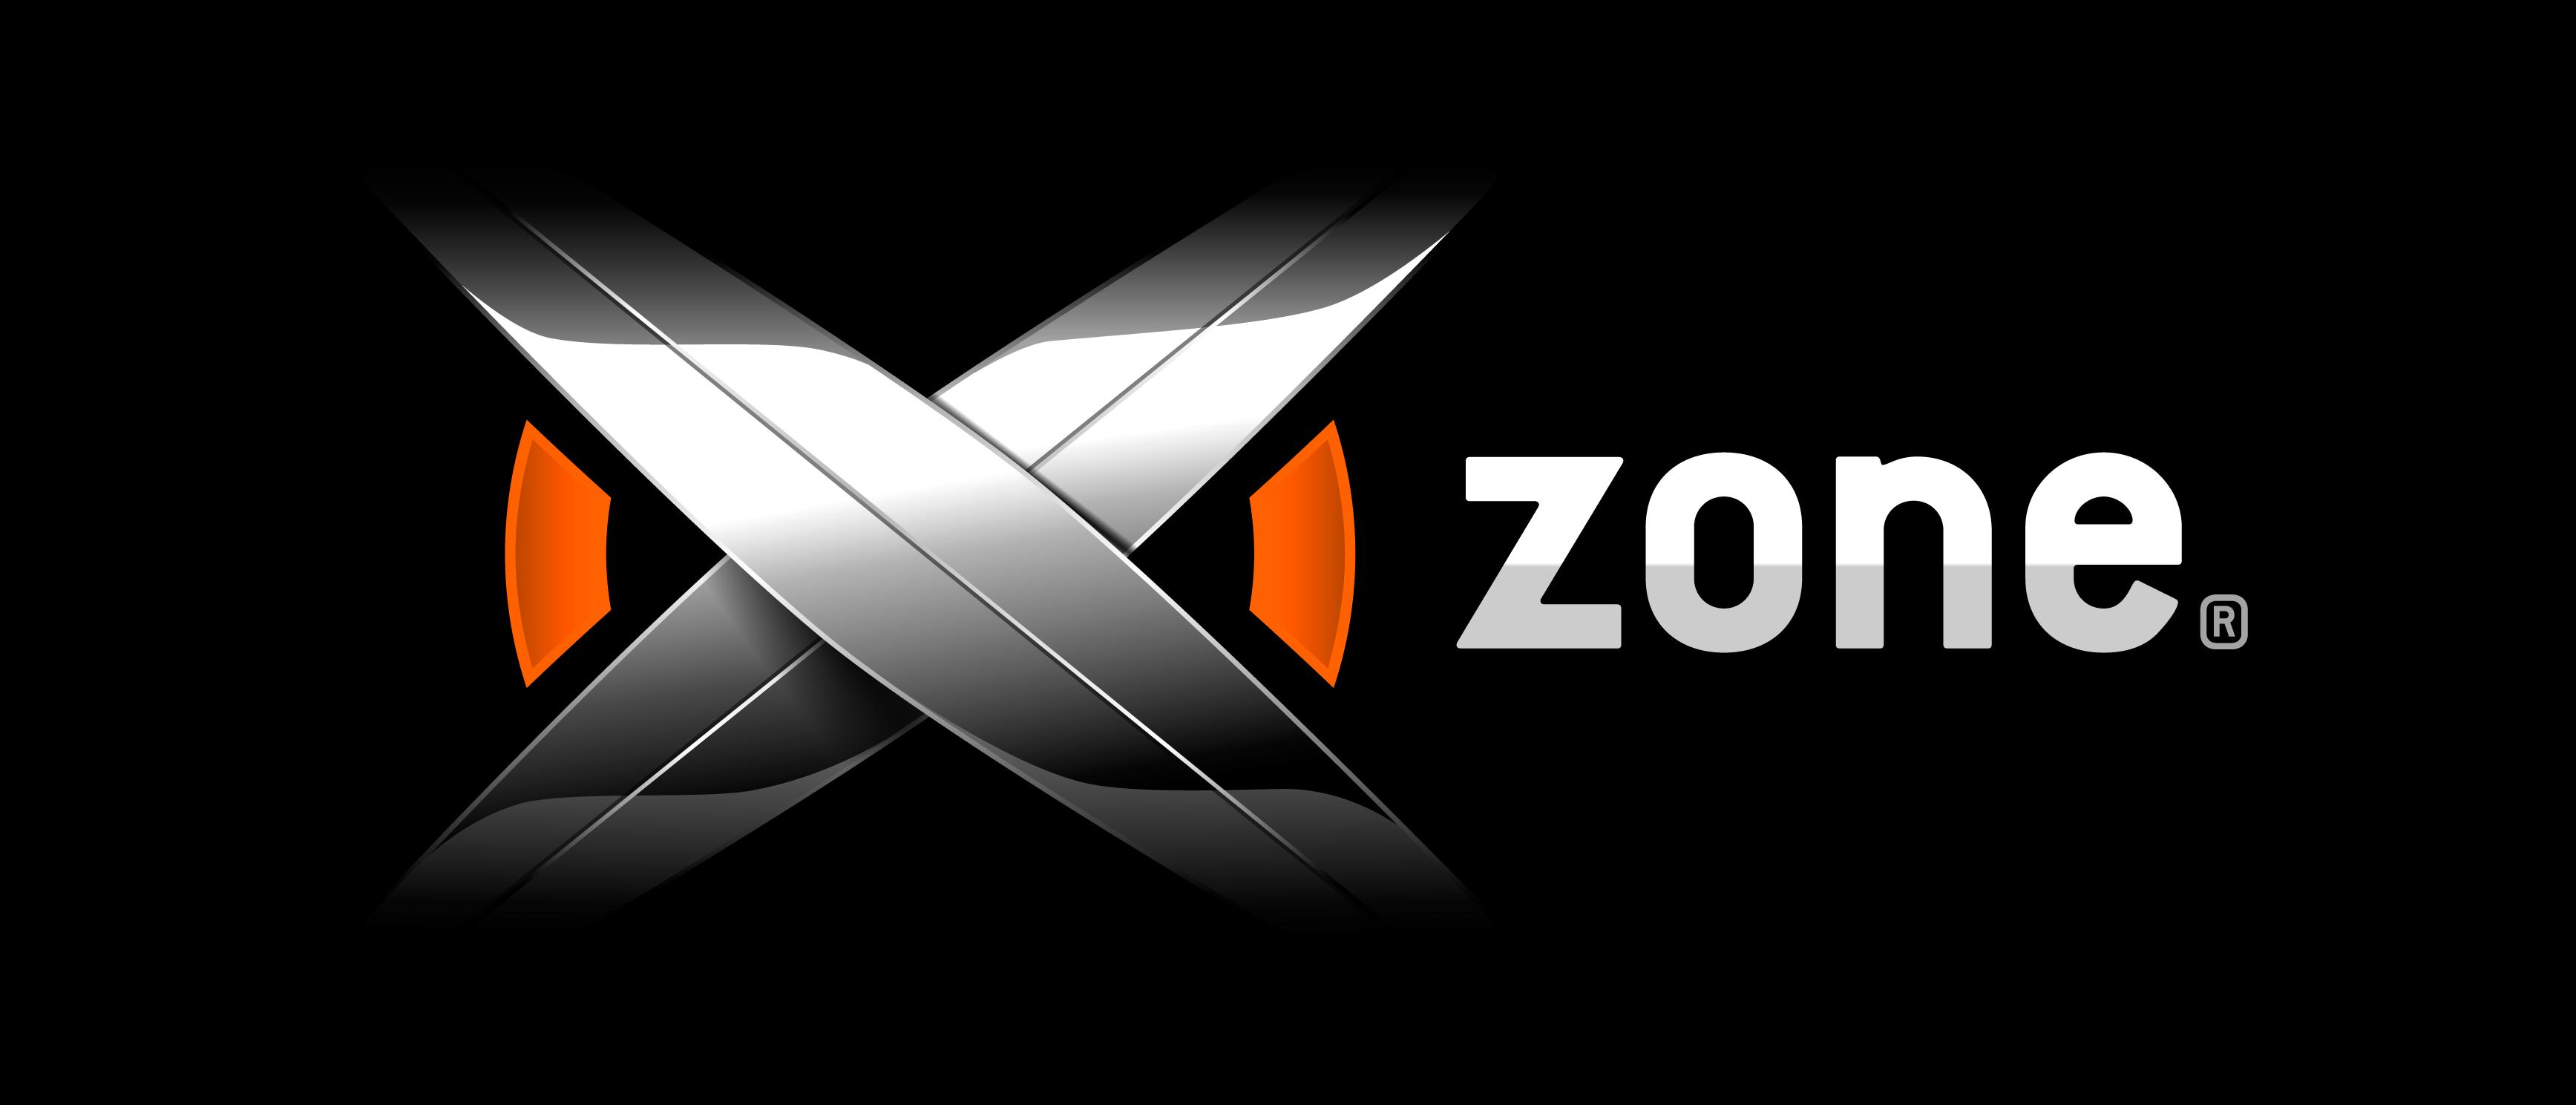 Herní obchody Xzone.cz a GameExpres.cz spojují síly do jedné společnosti 112165